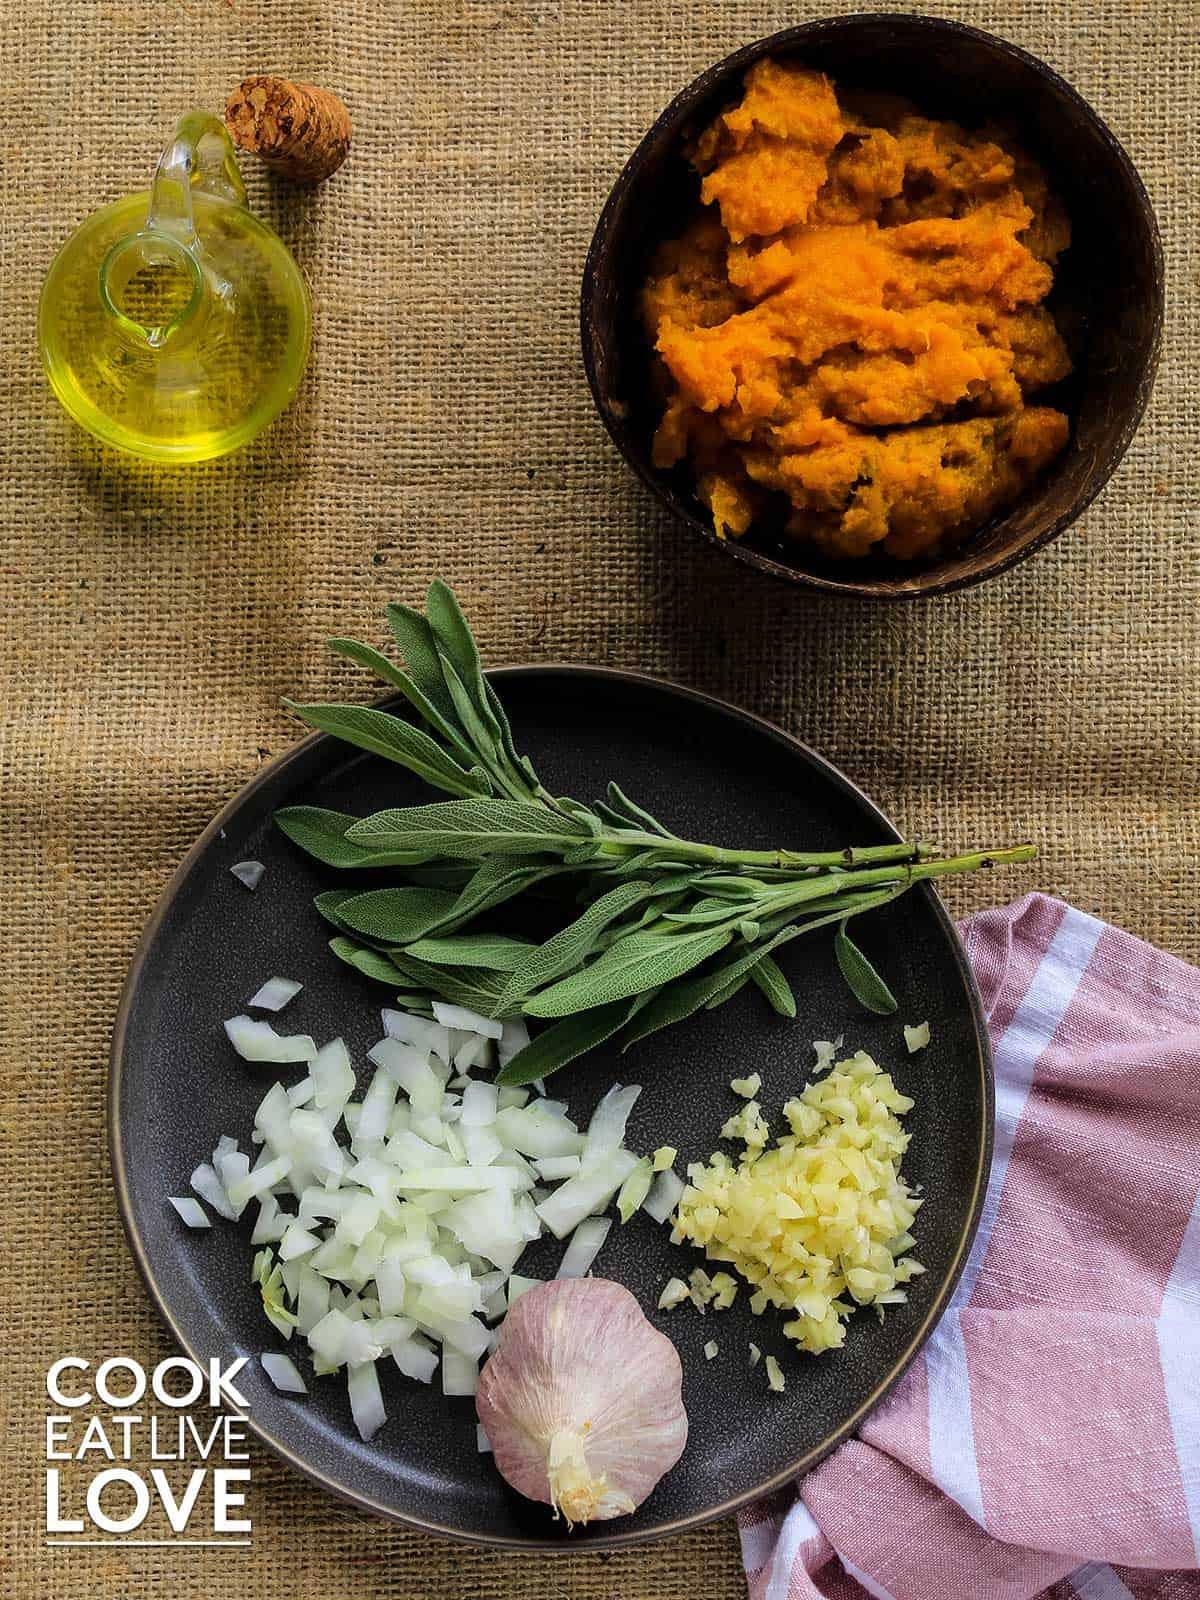 Ingredients to make the pumpkin vegetarian ravioli filling.